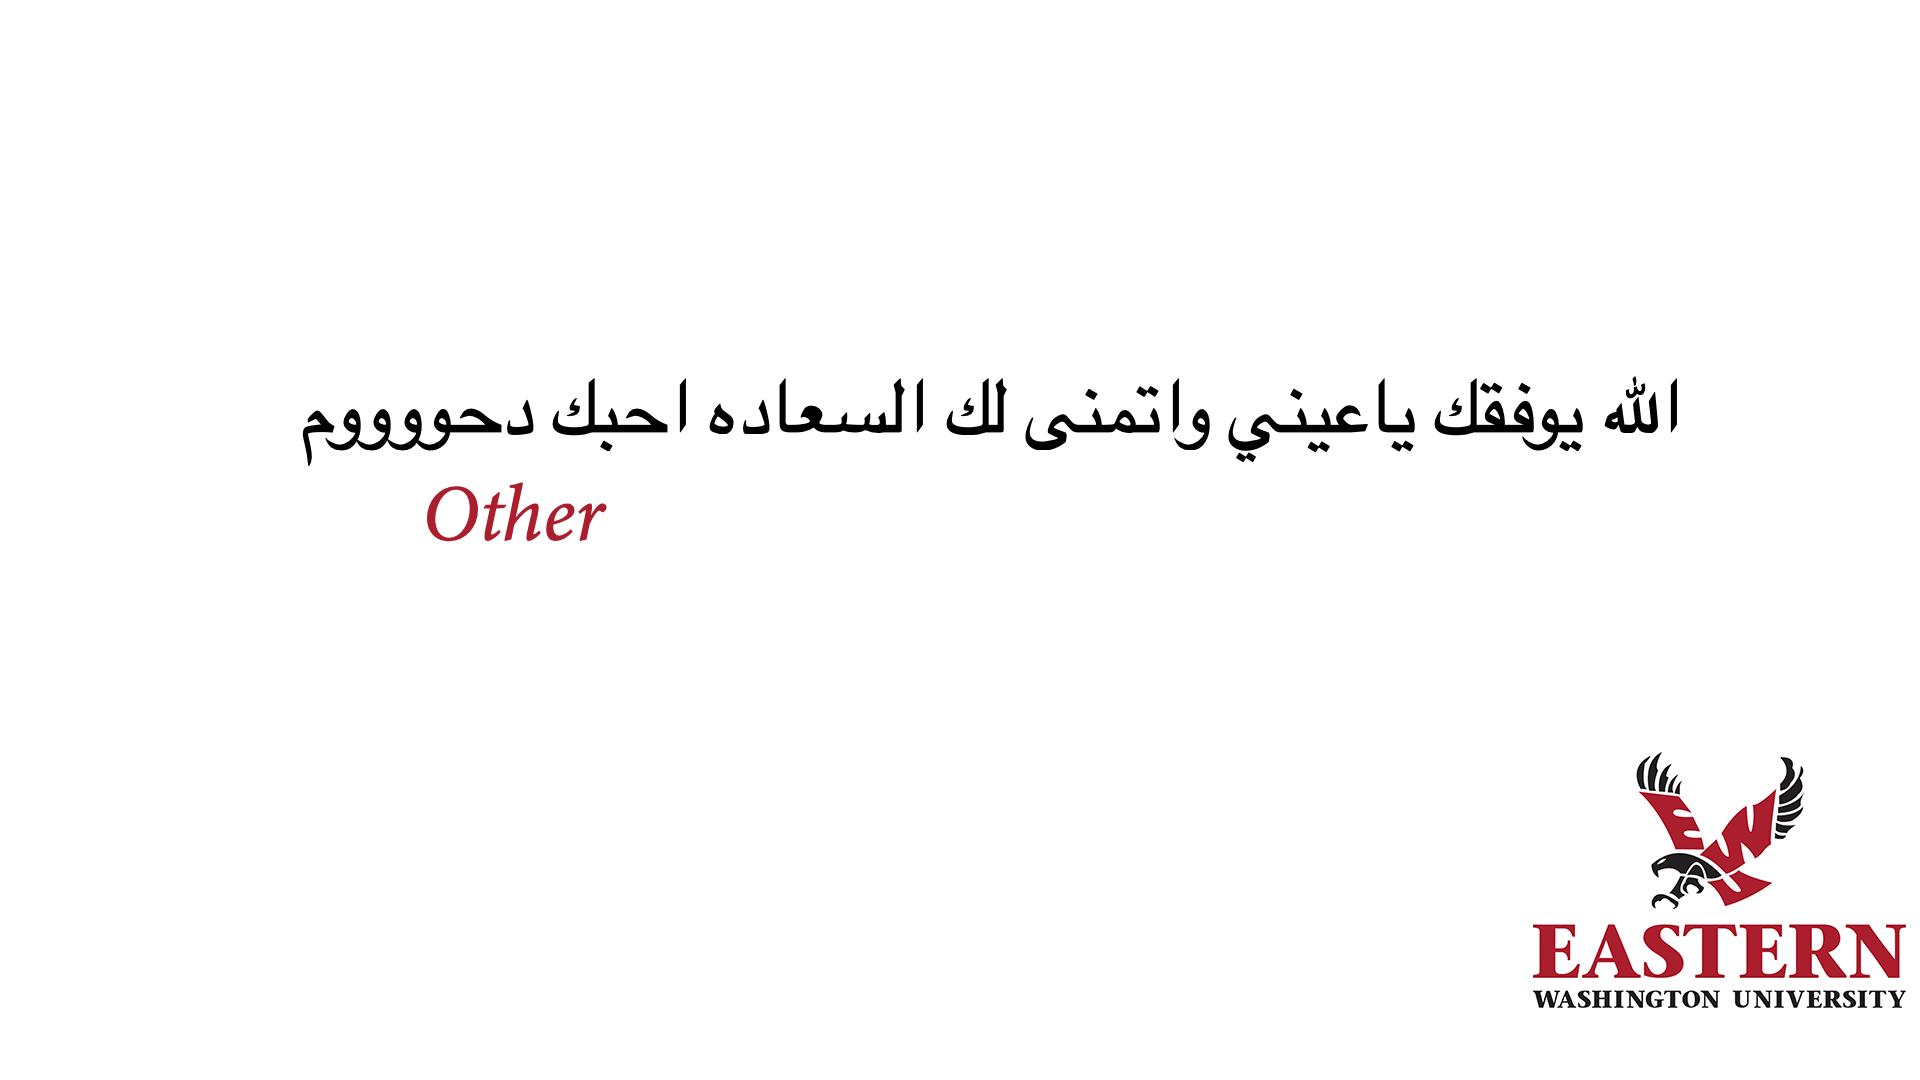 tbi_abdulrahman-abdullah-a_2336.png